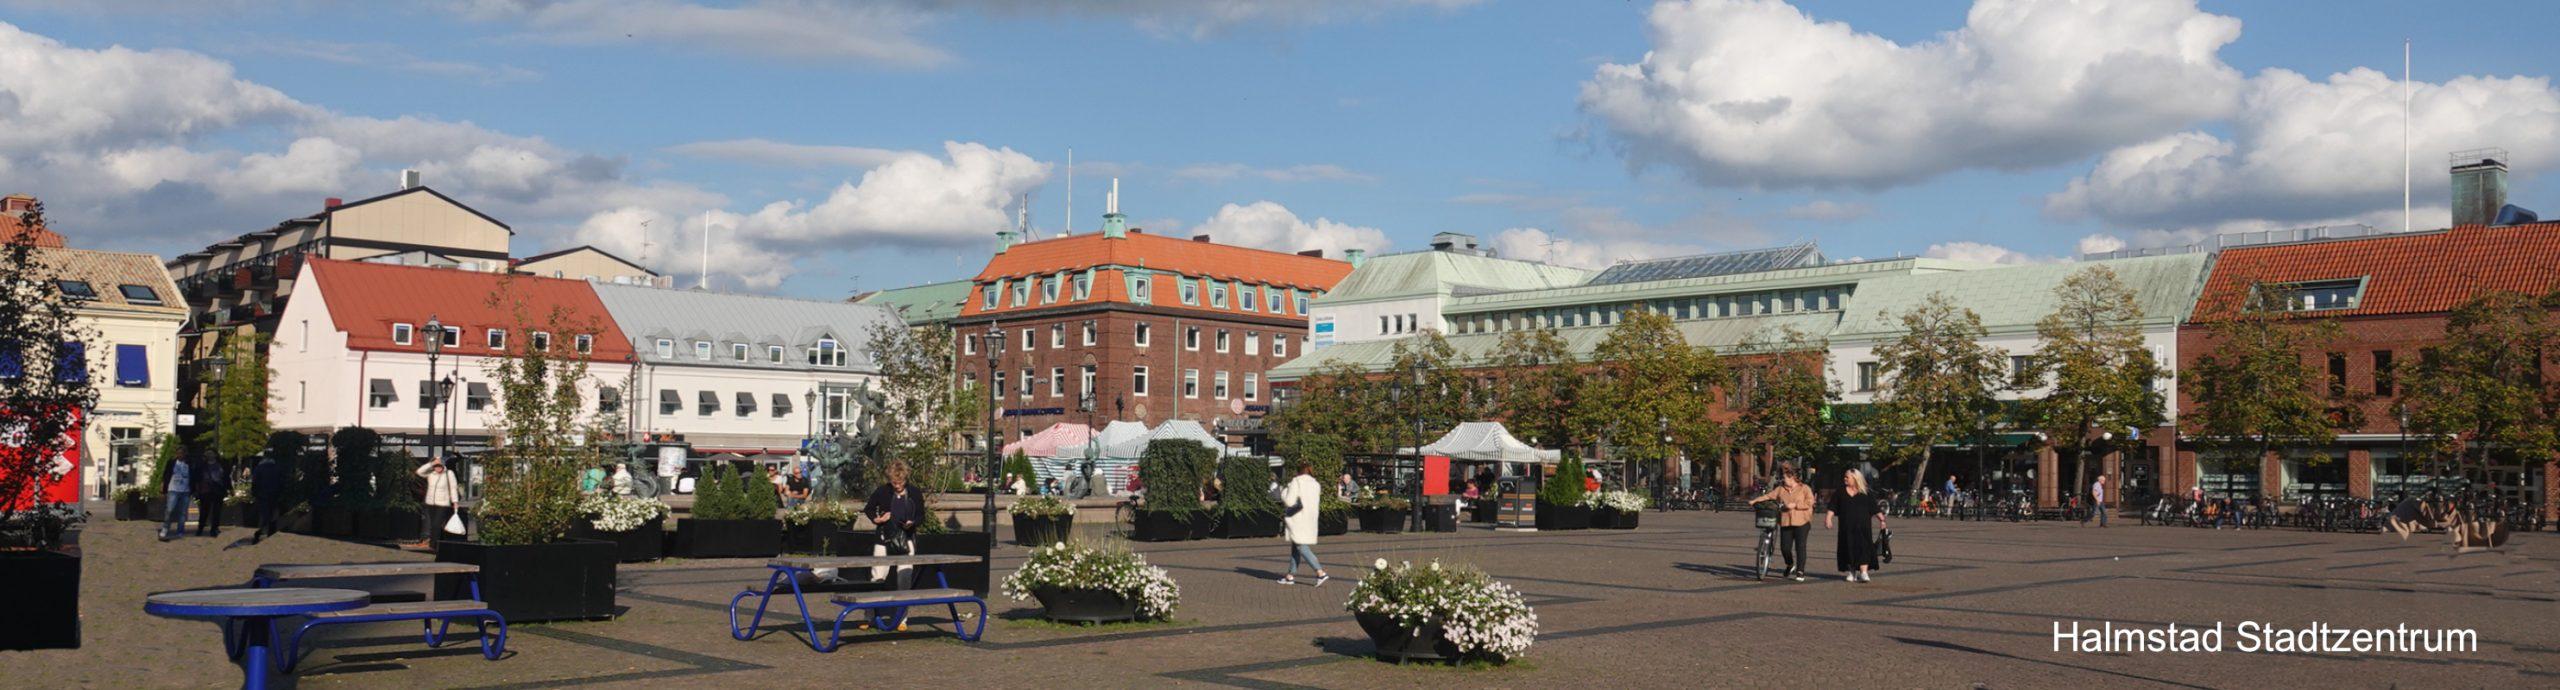 Halmstad Stadtzentrum